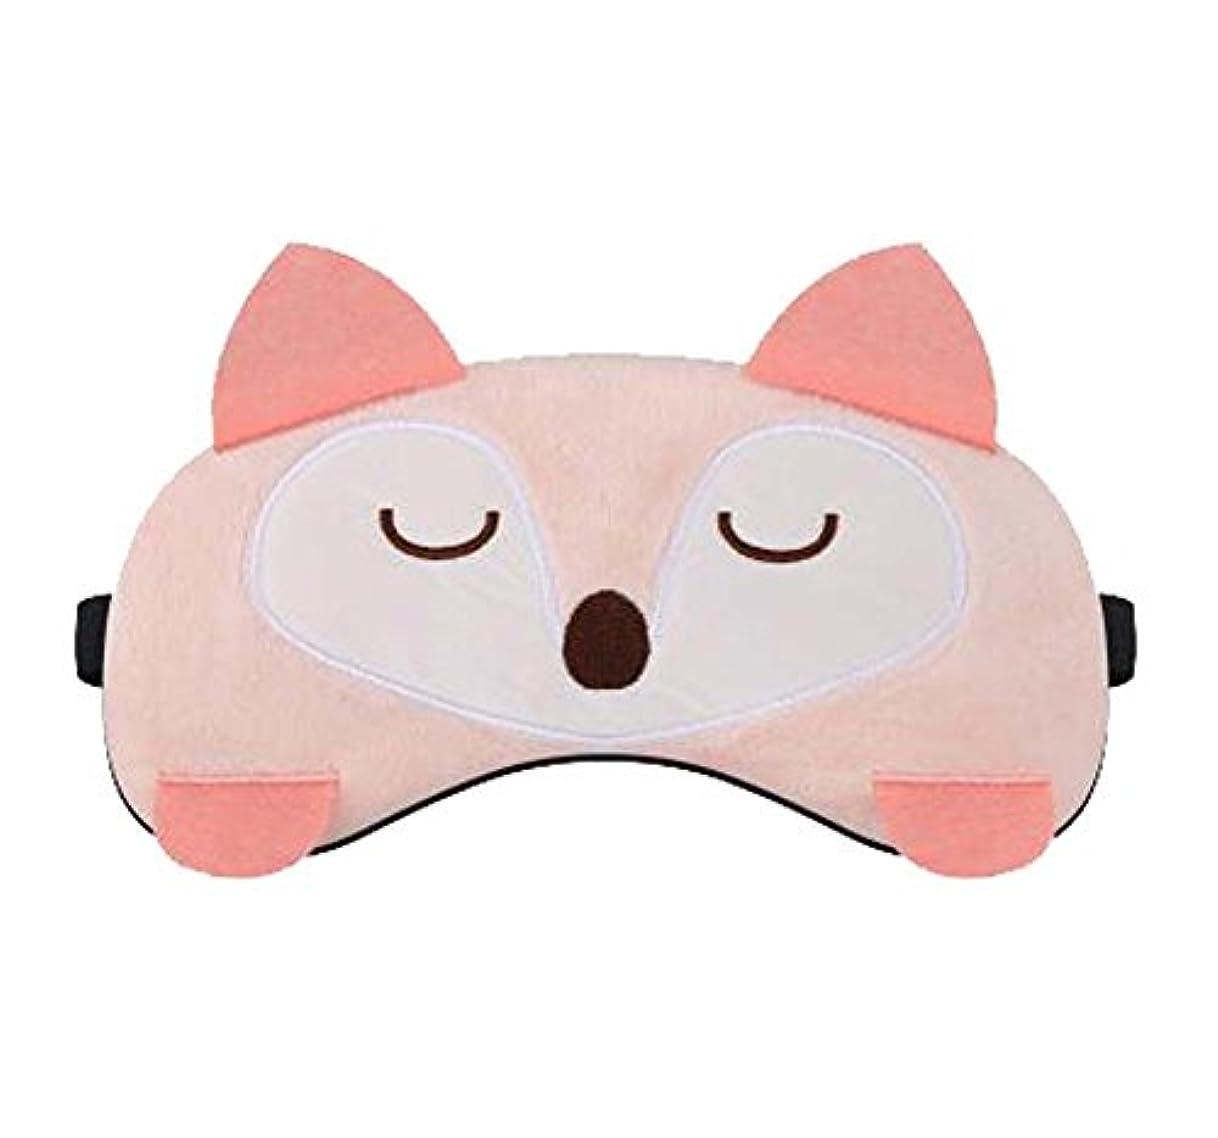 好奇心くびれた施しかわいい睡眠マスクアイマスク - セラピー不眠症 - 男性、女性、女の子、子供、A